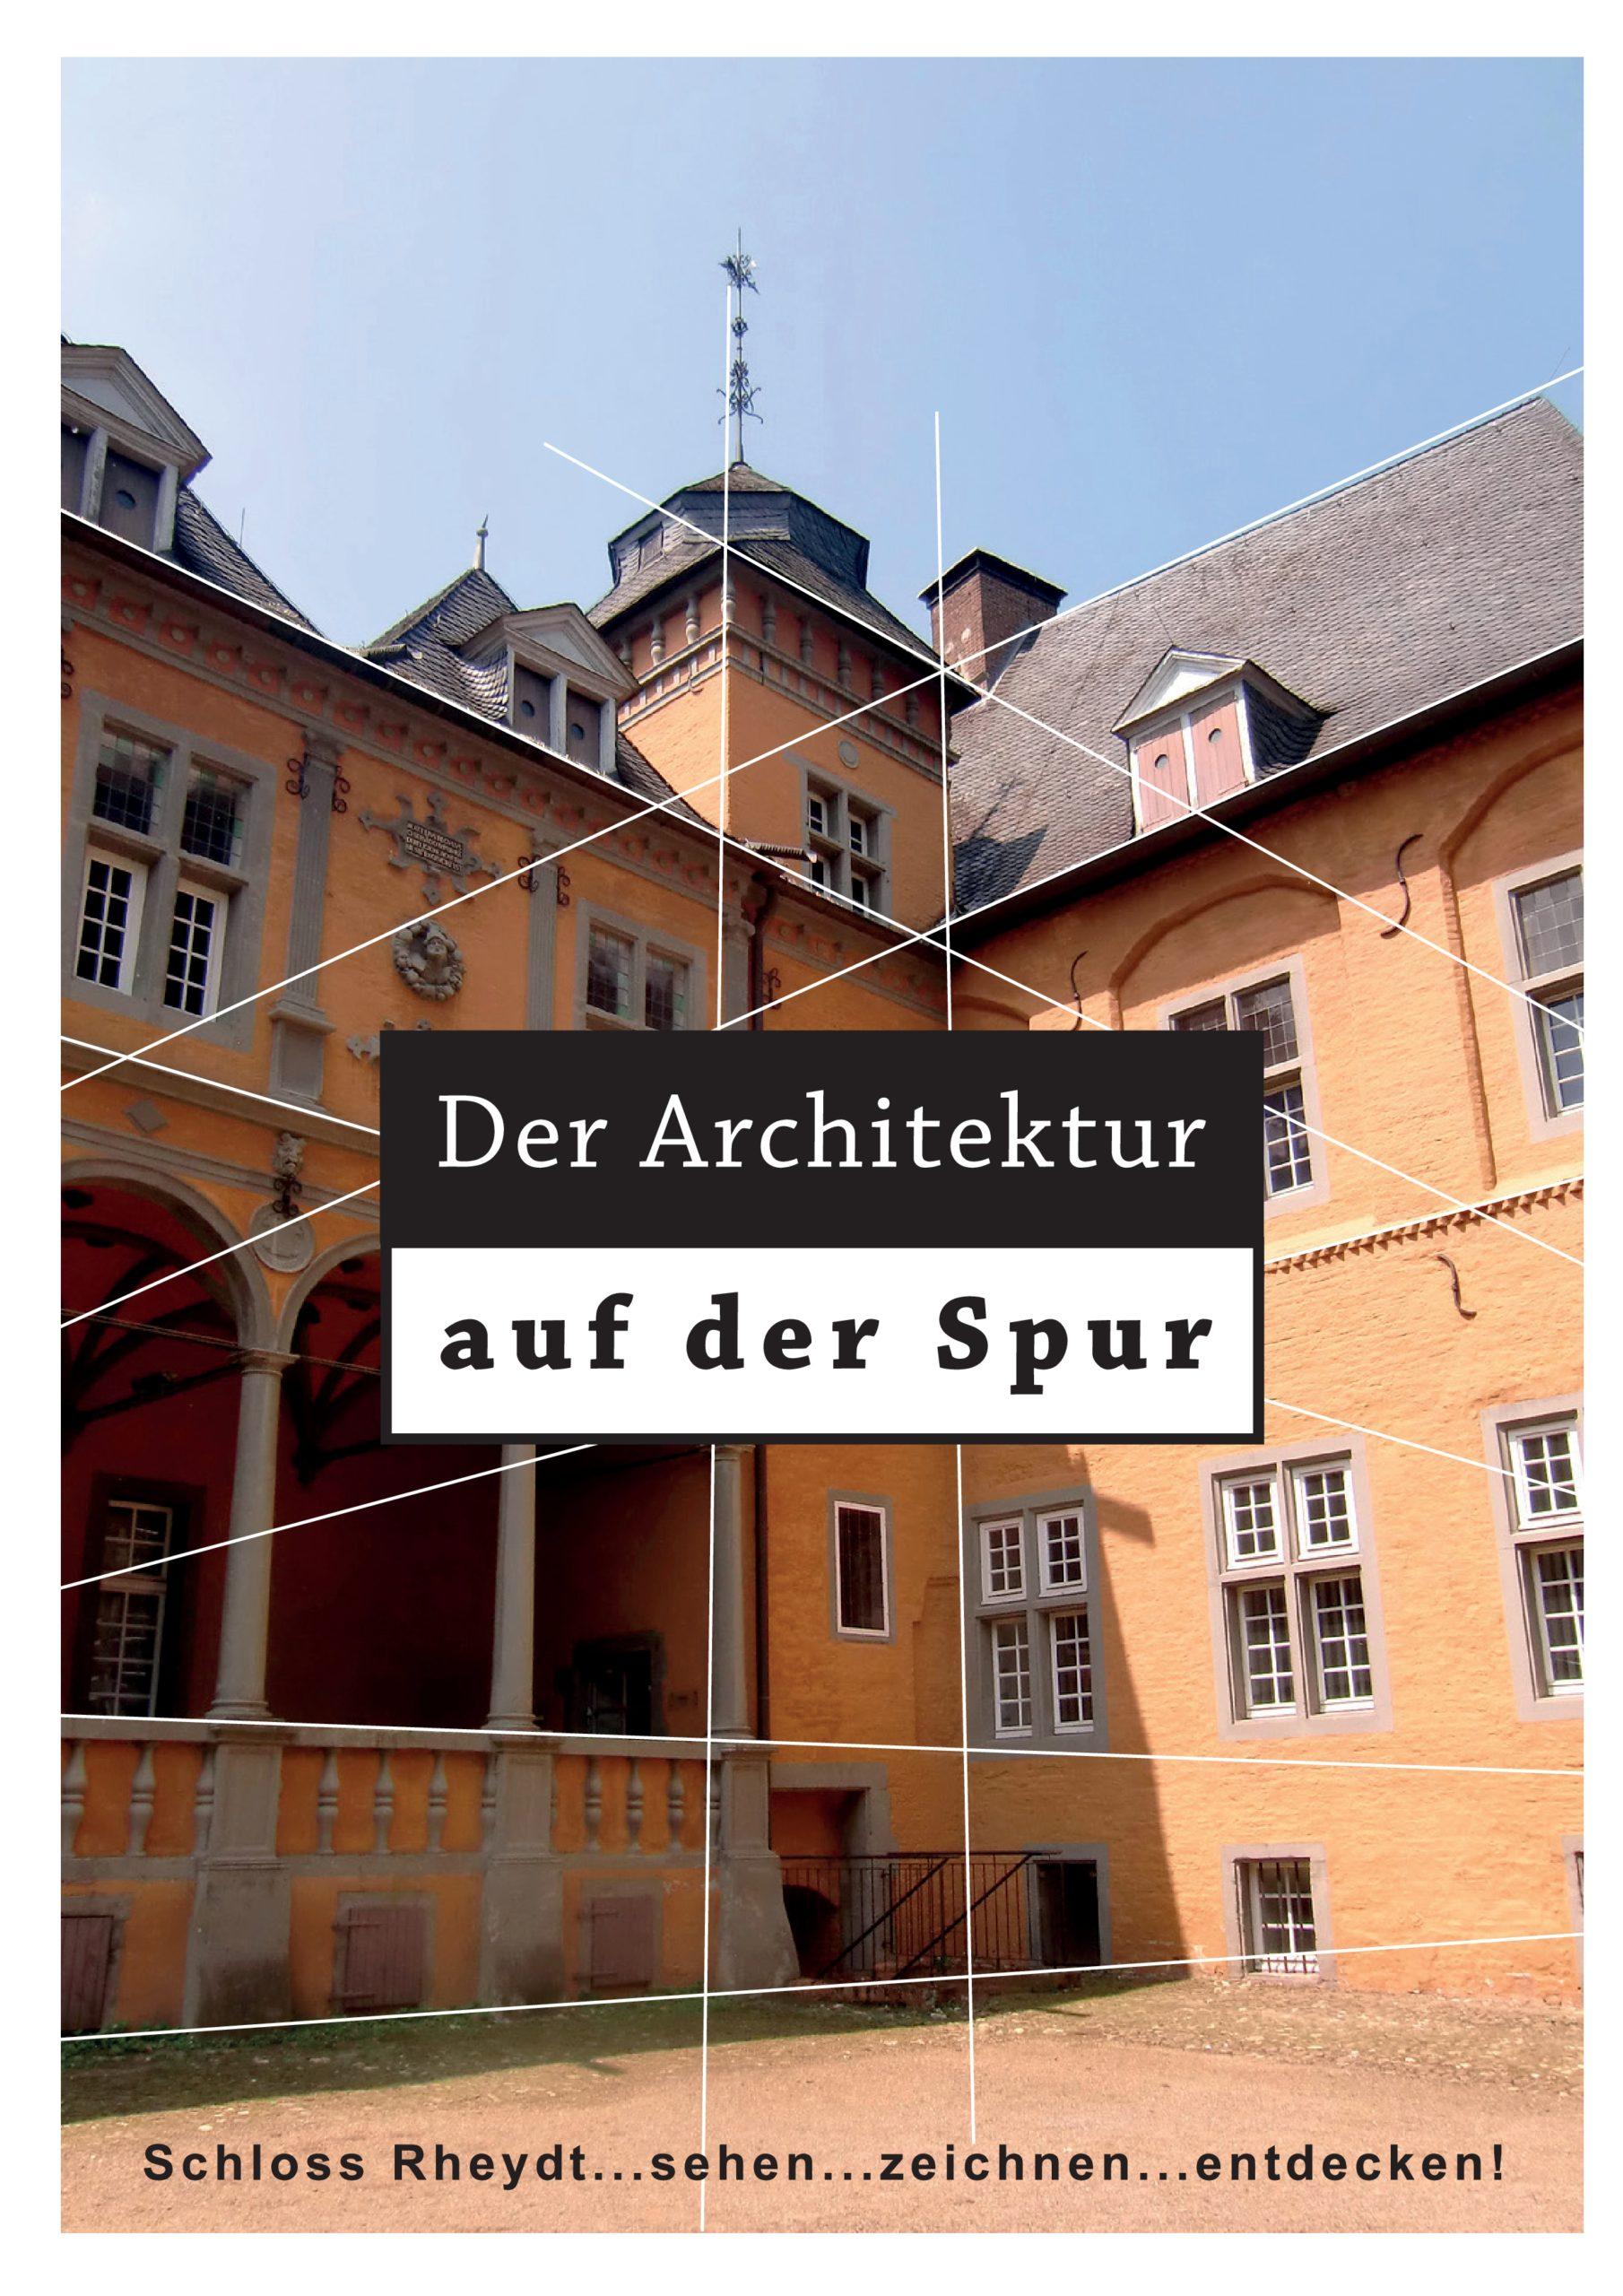 Der Architektur auf der Spur